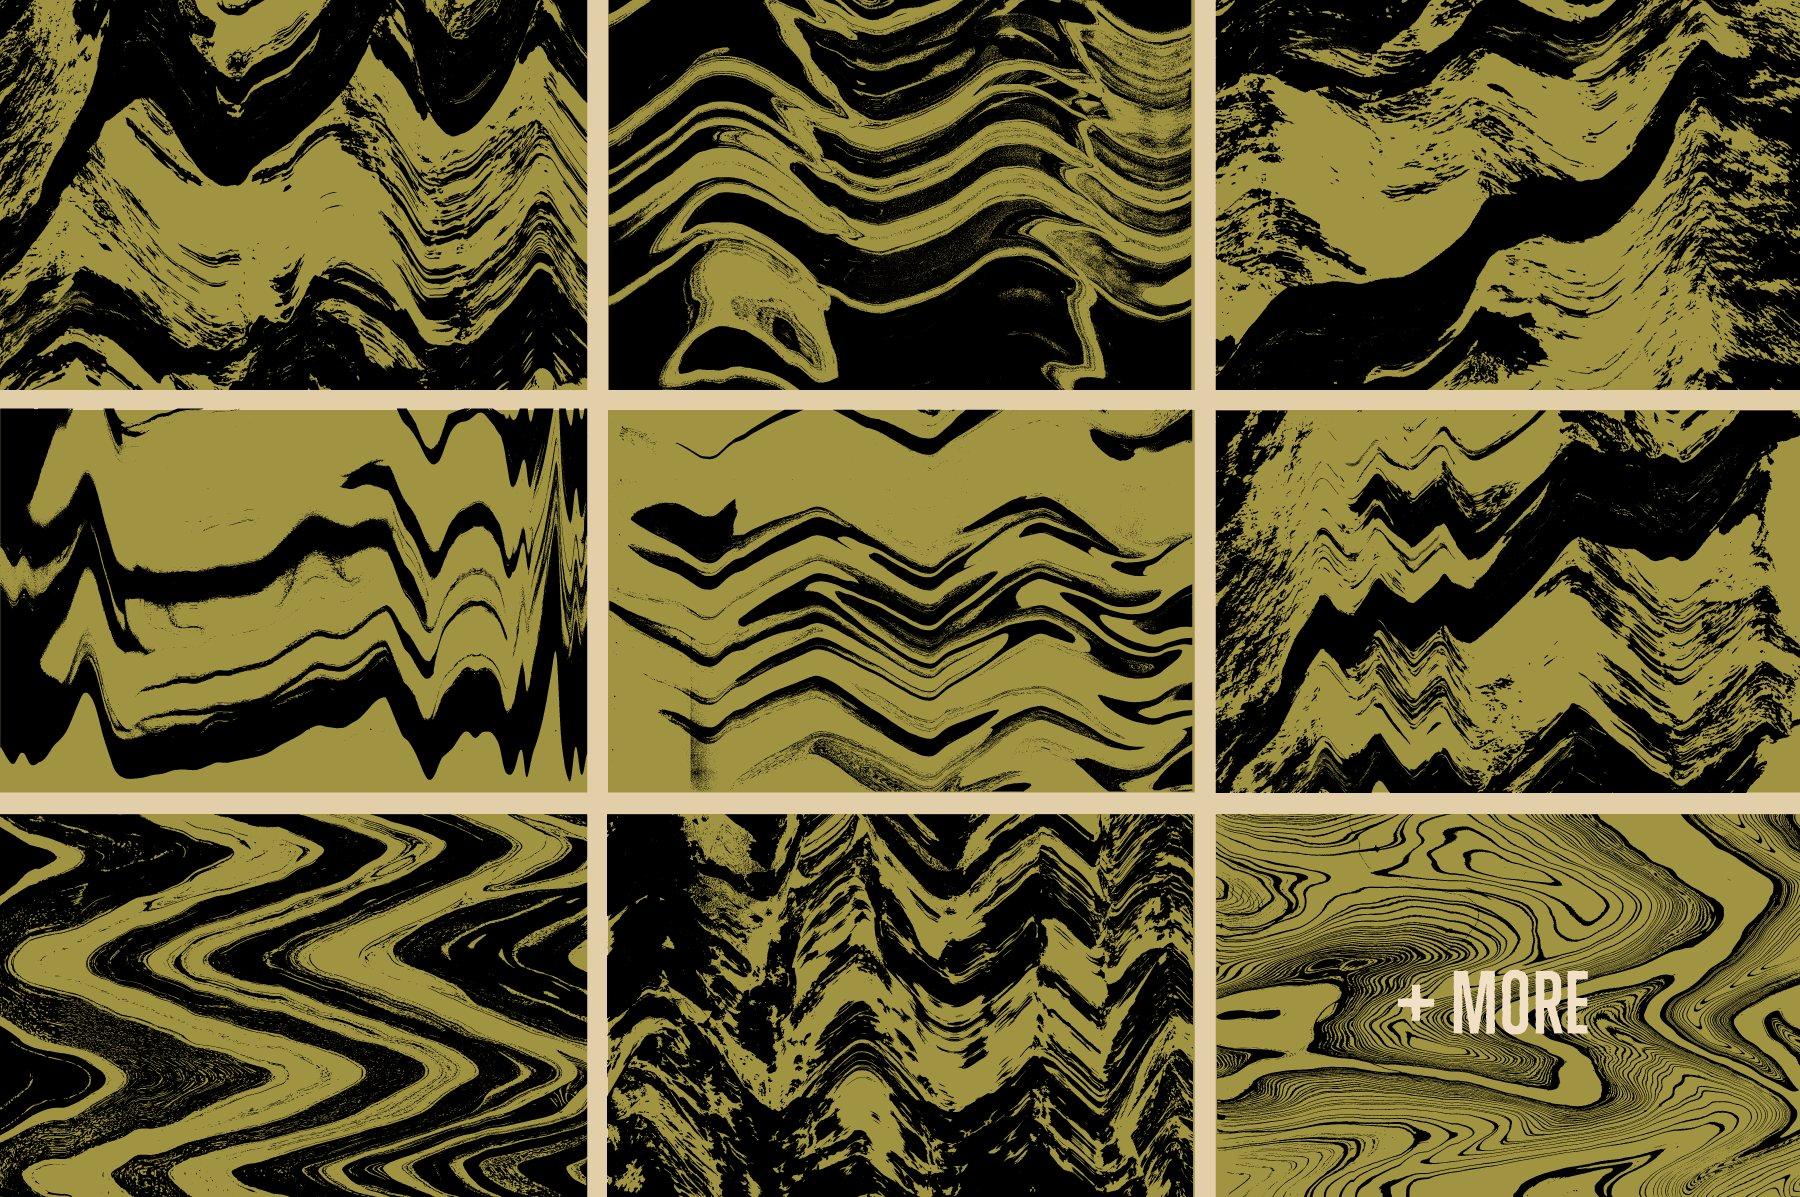 16款酸色调扭曲故障复制纹理平面广告设计背景矢量素材 Acid Tone Warped Copy Textures插图(2)